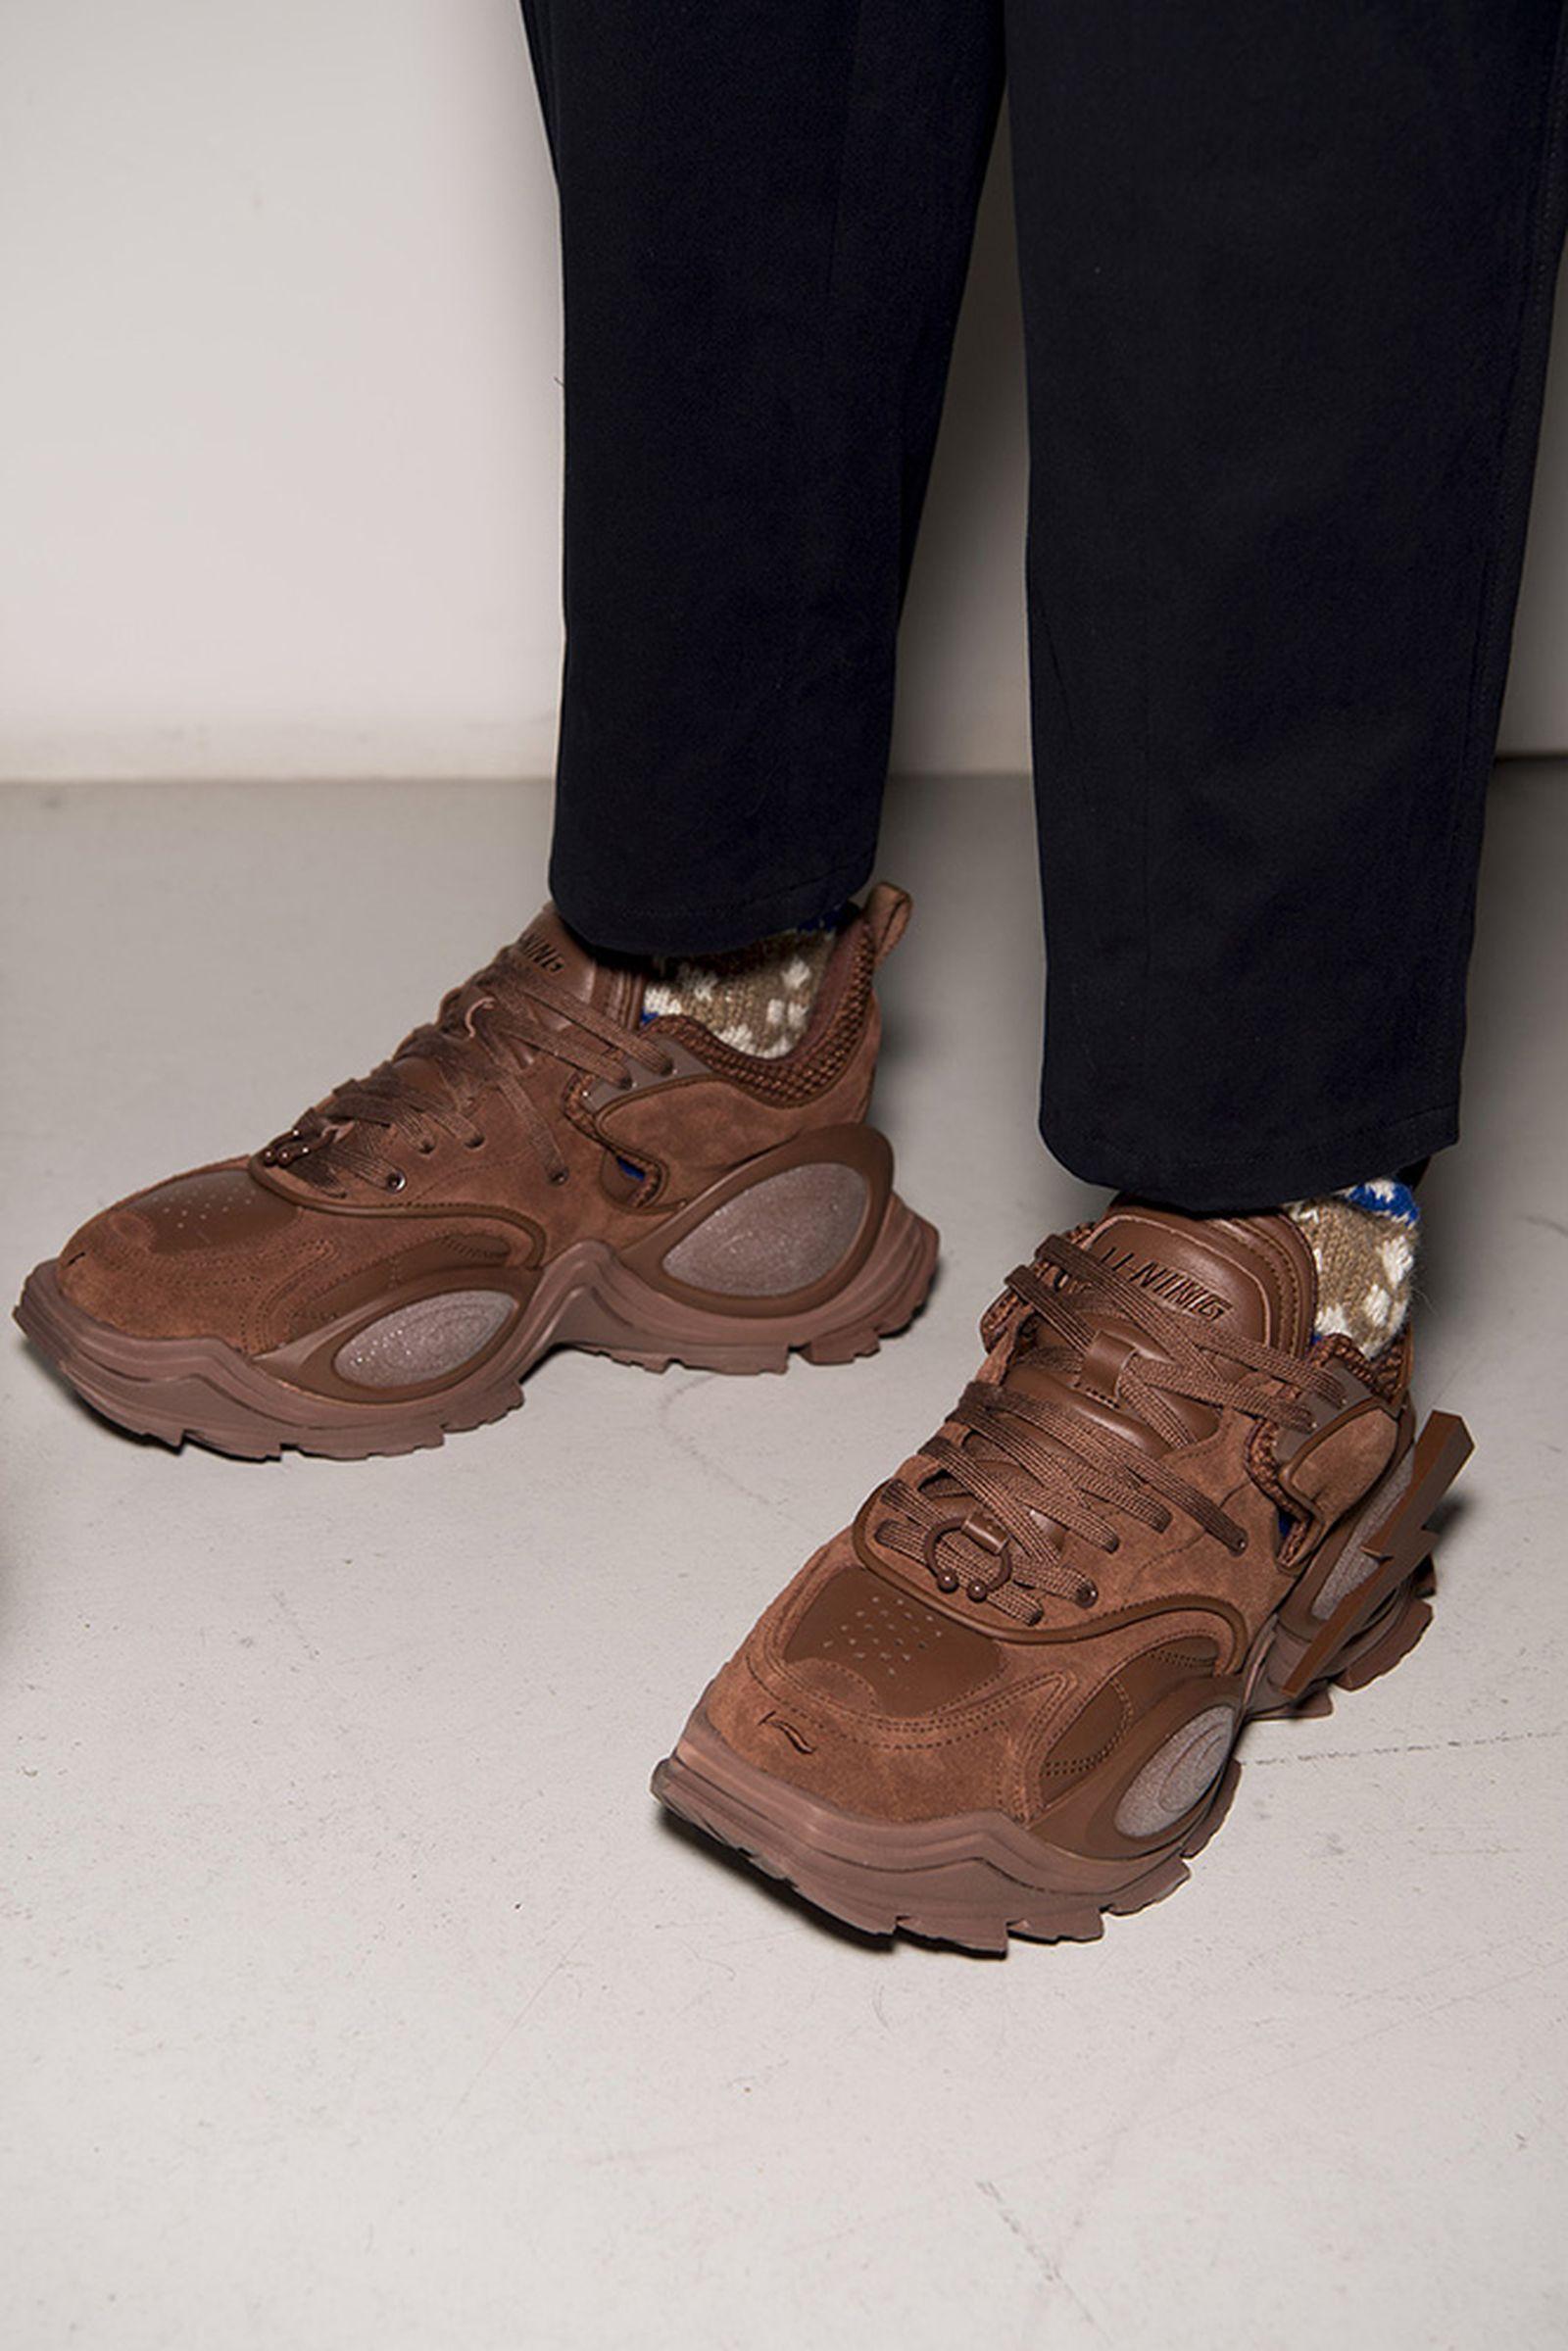 Neil Barrett x Li-Ning FW20 sneakers